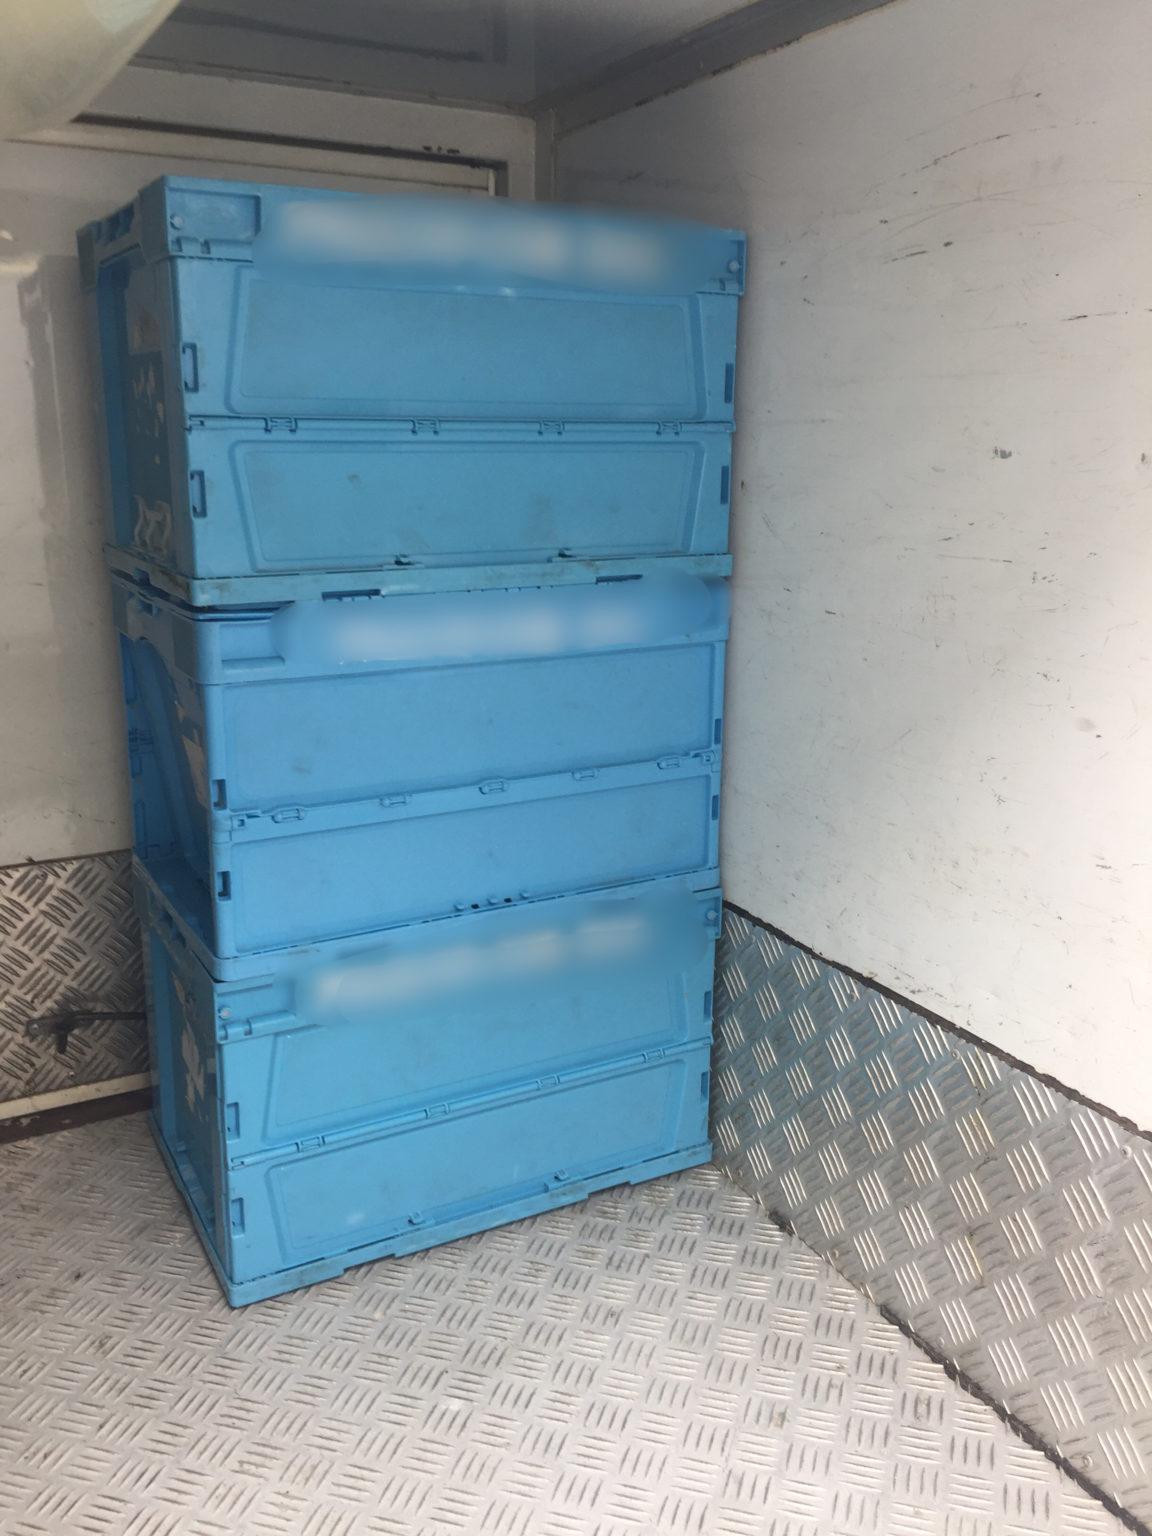 軽貨物配送で使うオリコン 【軽貨物運送の検証ブログ】